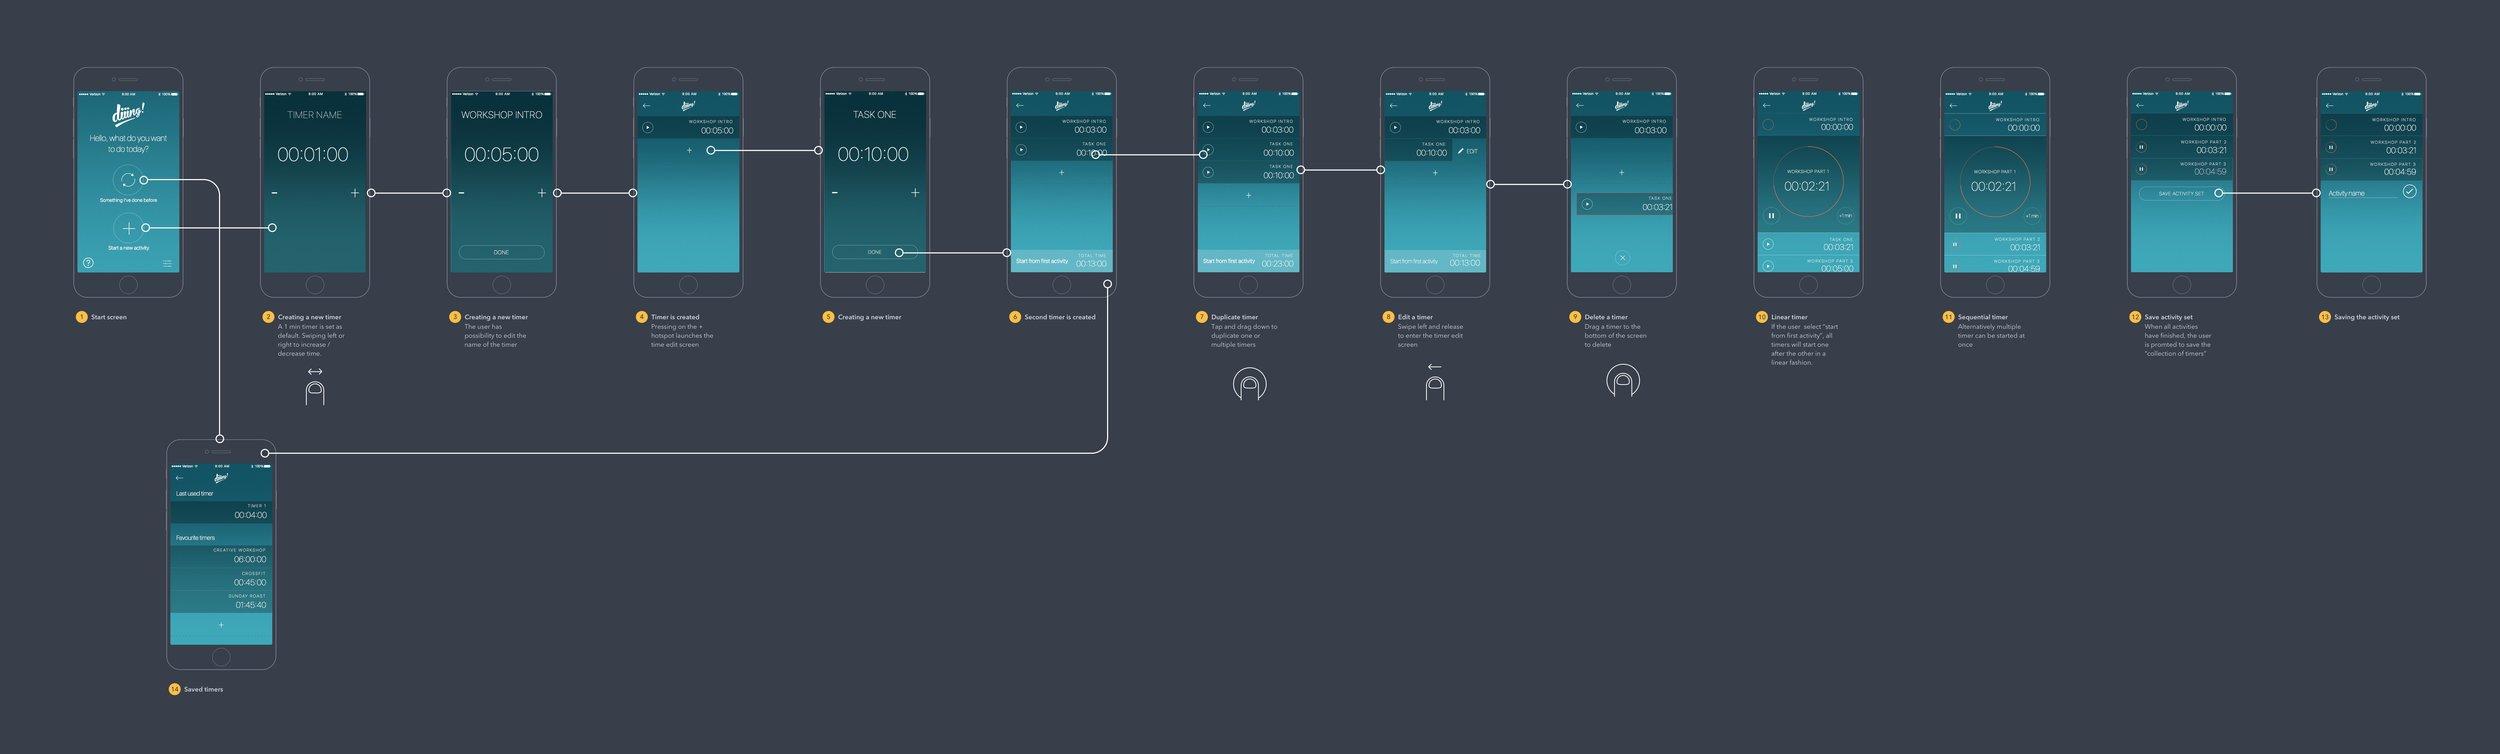 Diiing user flow.jpg